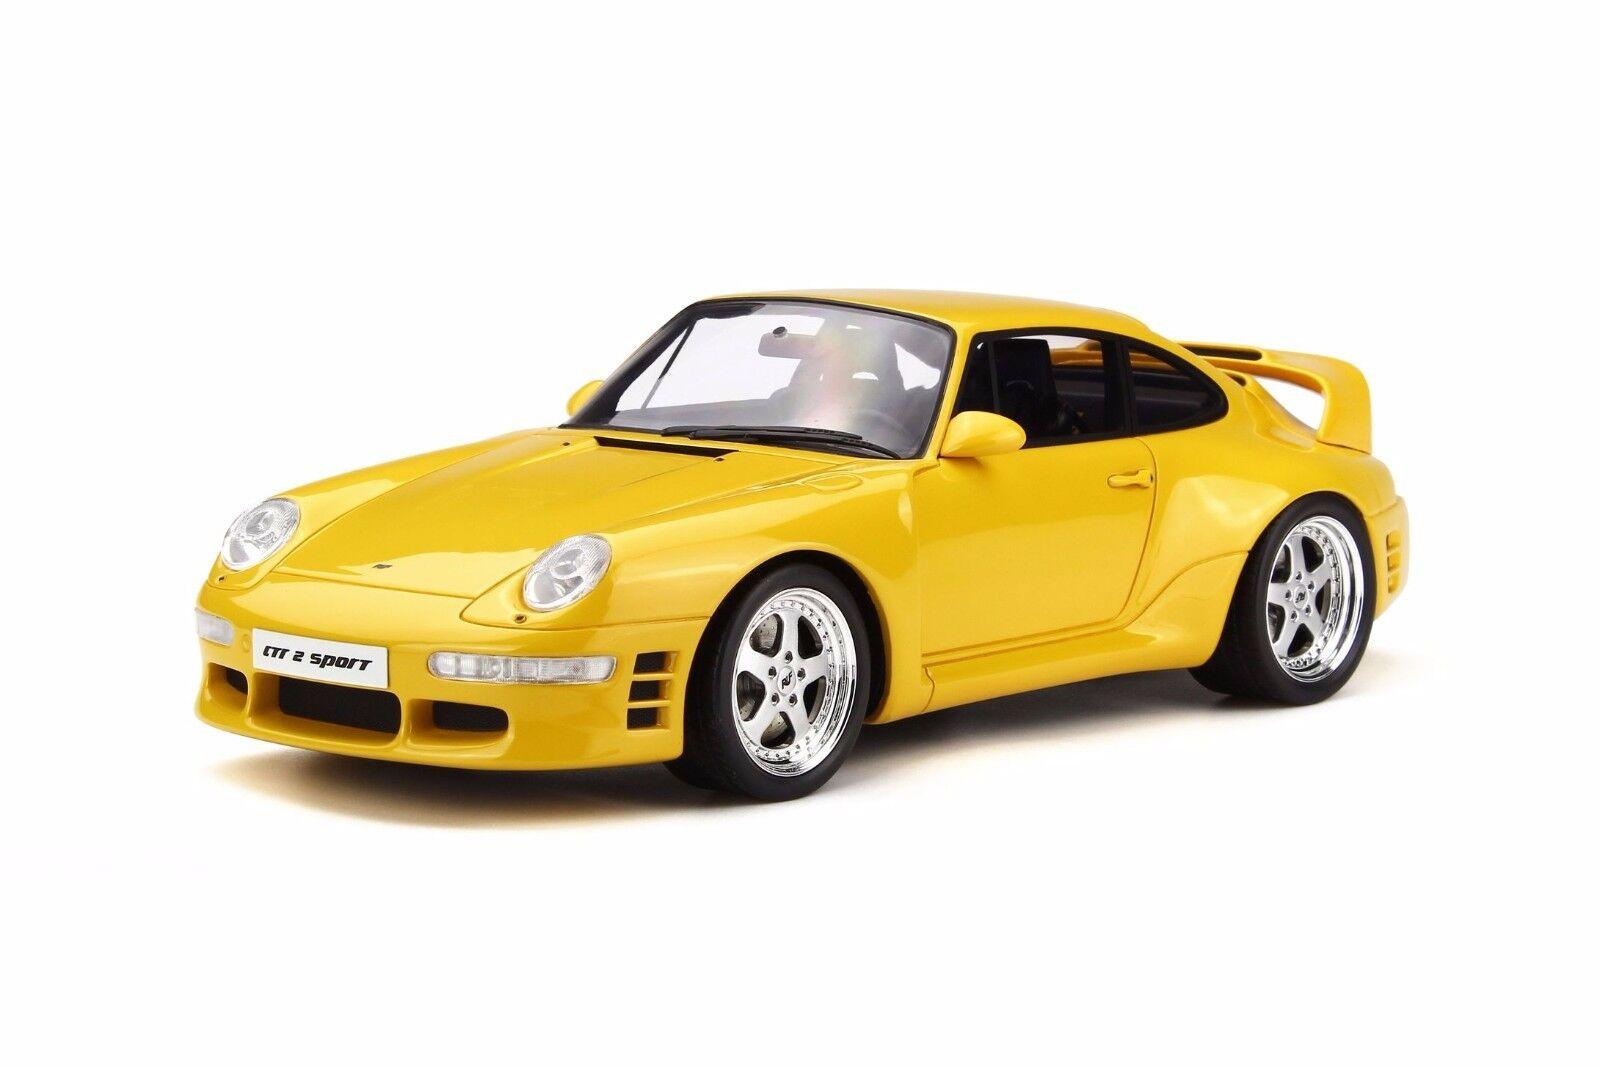 GT Spirit 1 18 Porsche 911 993 RUF CTR 2 Sport Yellow GT141